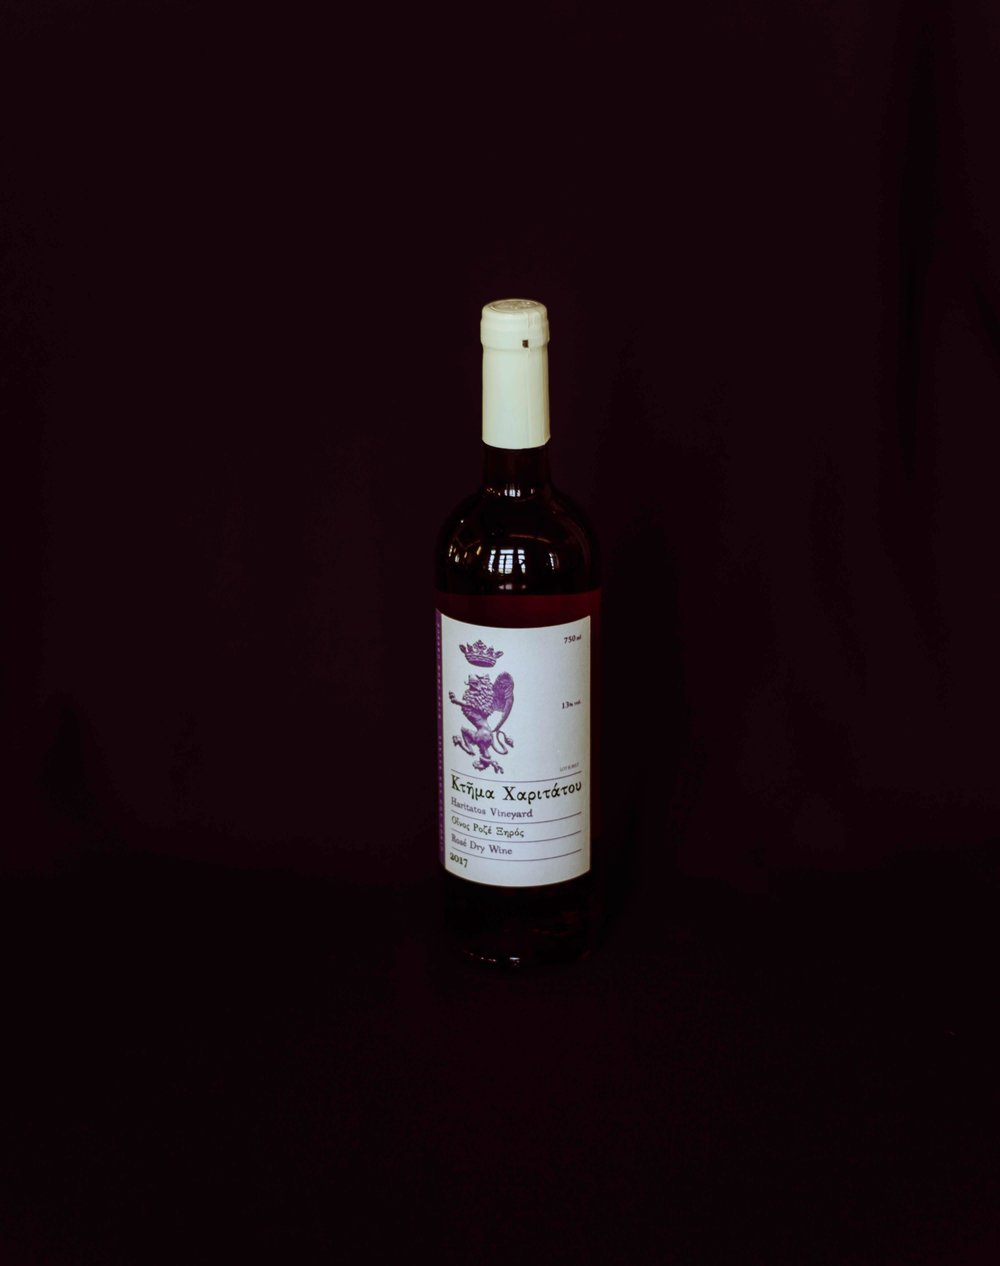 Οίνος Ροζέ Ξηρός Π.Γ.Ε. Πλαγιές του Αίνου - Ποικιλία 100% Mαυροδάφνη Κεφαλληνίας, με γηγενείς ζύμεςΧαρακτηριστικά: Φρέσκο και πικάντικο, φρουτώδες, δροσερό αλλά και κρεμώδες. Ένα κρασί για όλες τις ώρες και τις εποχές, με έντονο το χαρακτήρα της Μαυροδάφνης, που το καθιστά ιδανικό για γεύματα.